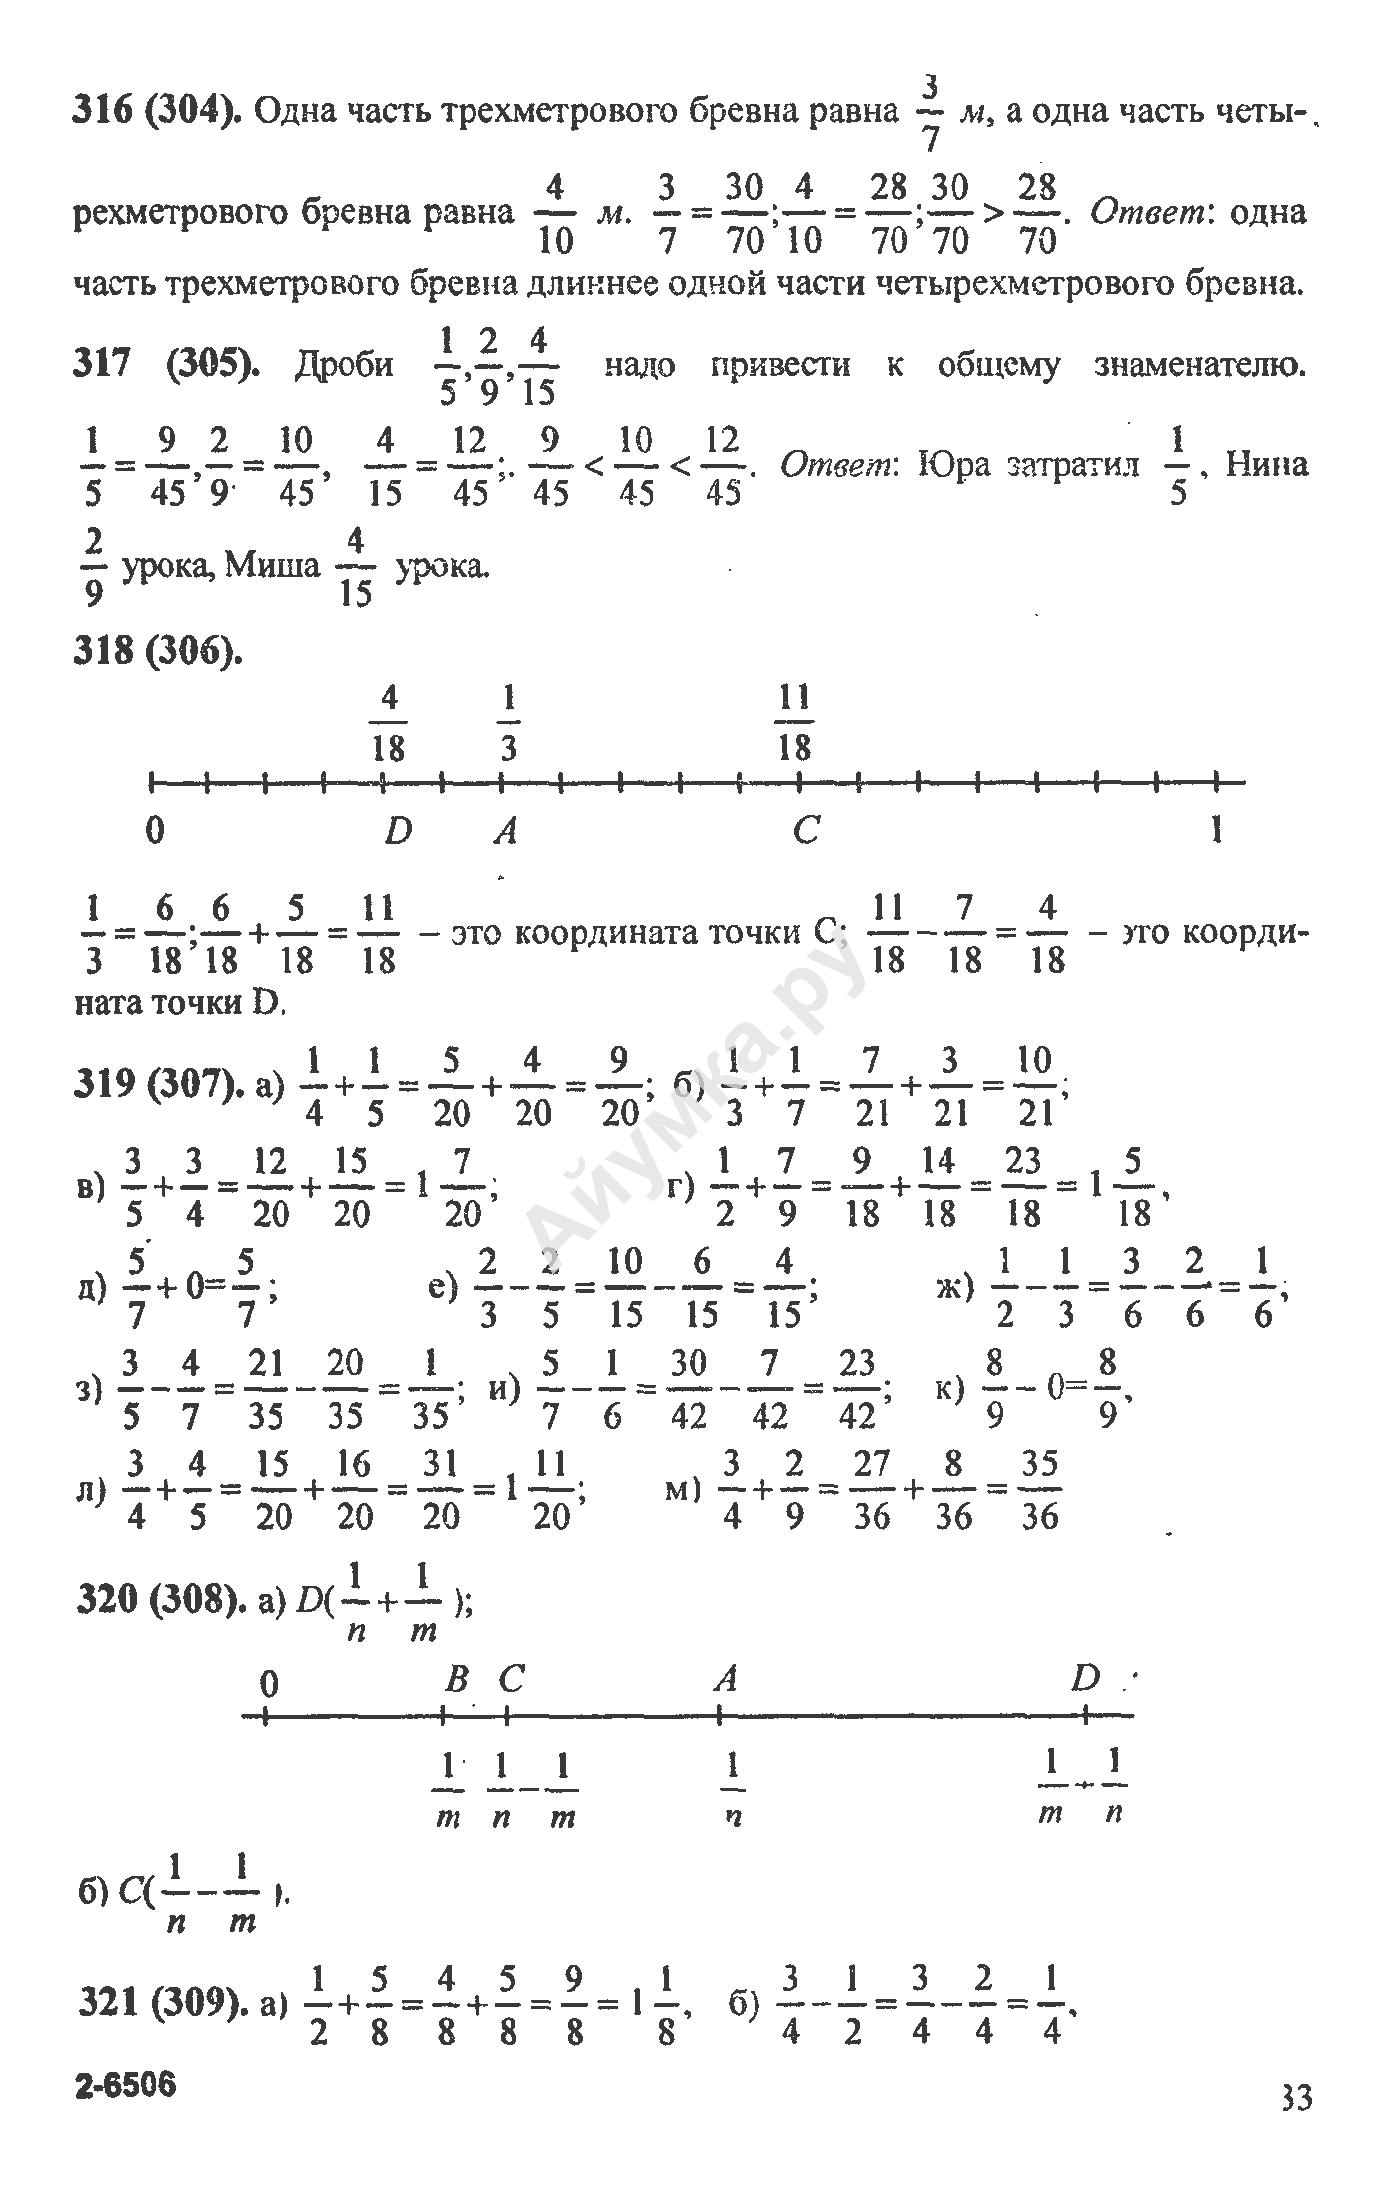 Гдз по истории 8 класс рабочая тетрадь данилов косулина скачать